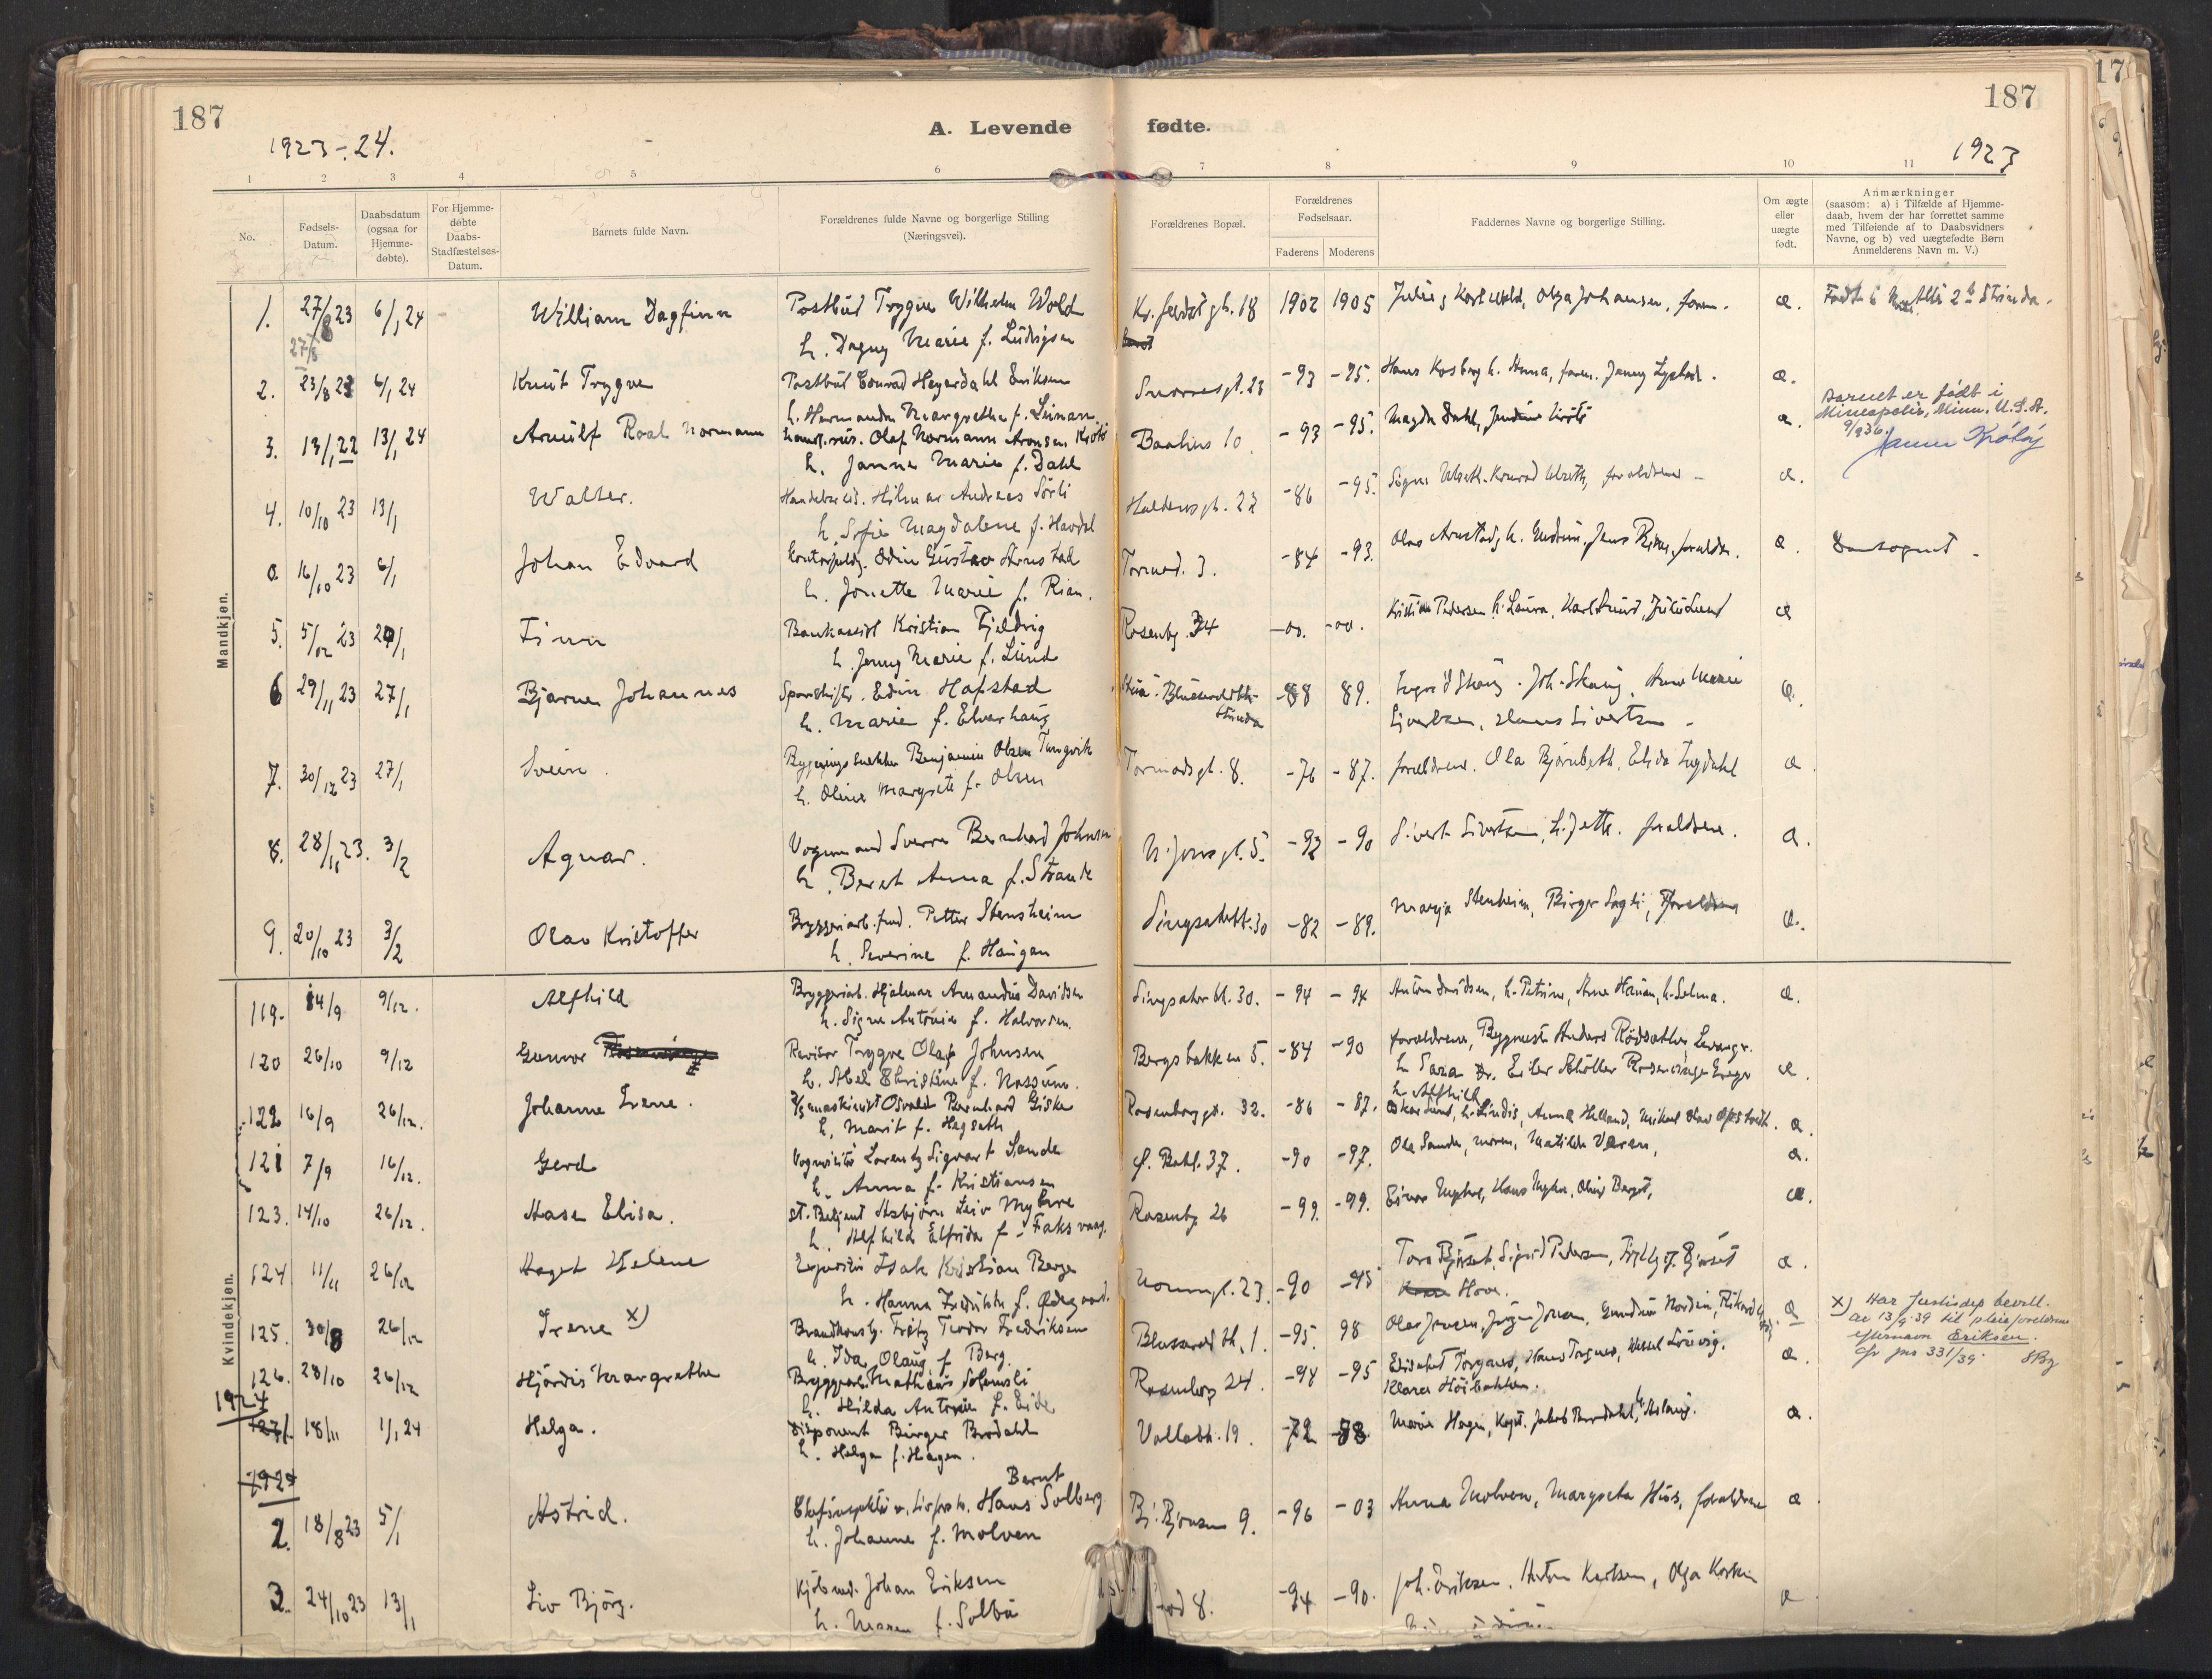 SAT, Ministerialprotokoller, klokkerbøker og fødselsregistre - Sør-Trøndelag, 604/L0205: Ministerialbok nr. 604A25, 1917-1932, s. 187